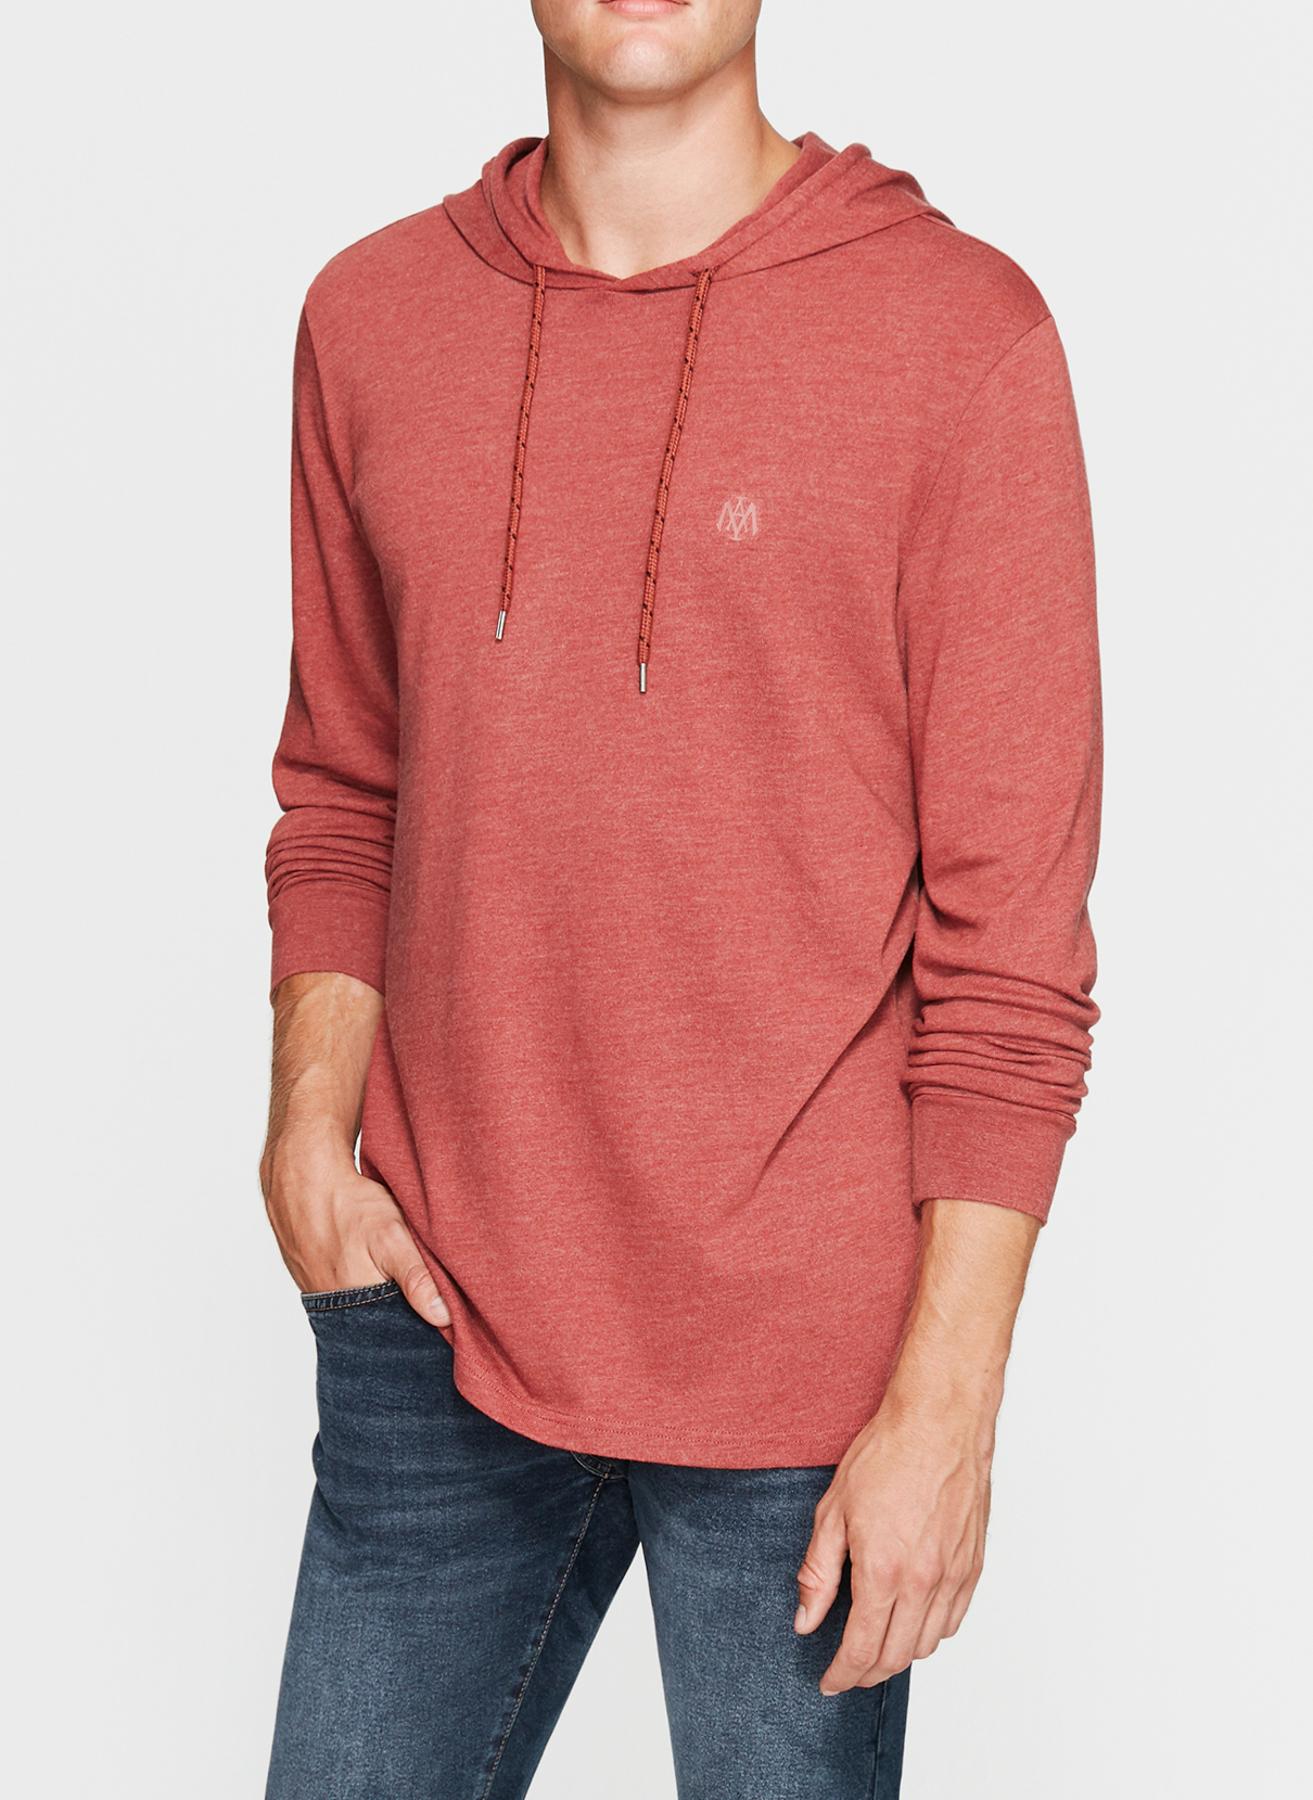 Mavi T-Shirt S 5001634595003 Ürün Resmi